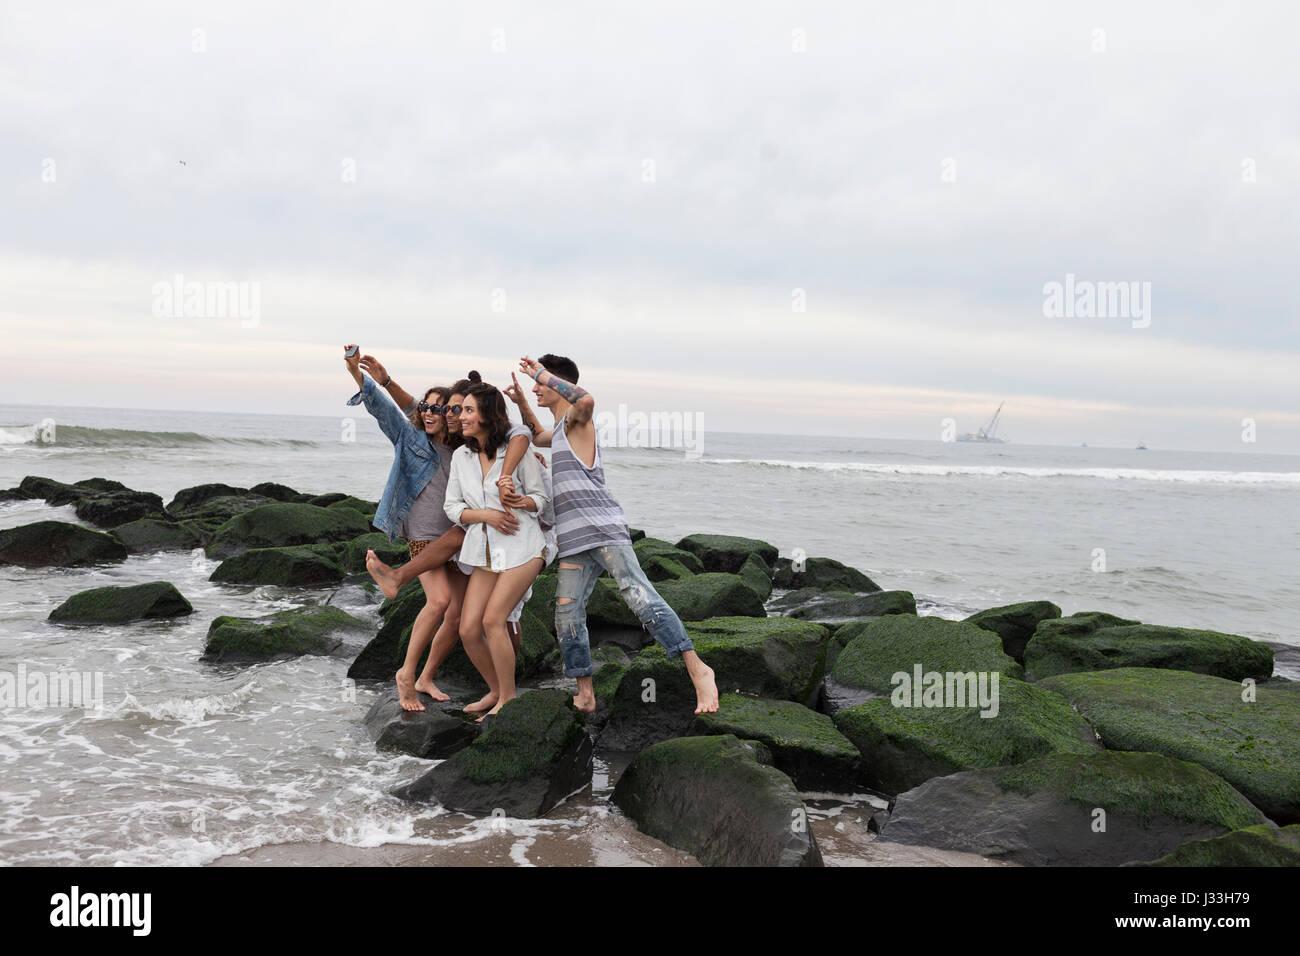 Amici in posa per una selfie sulla spiaggia Immagini Stock